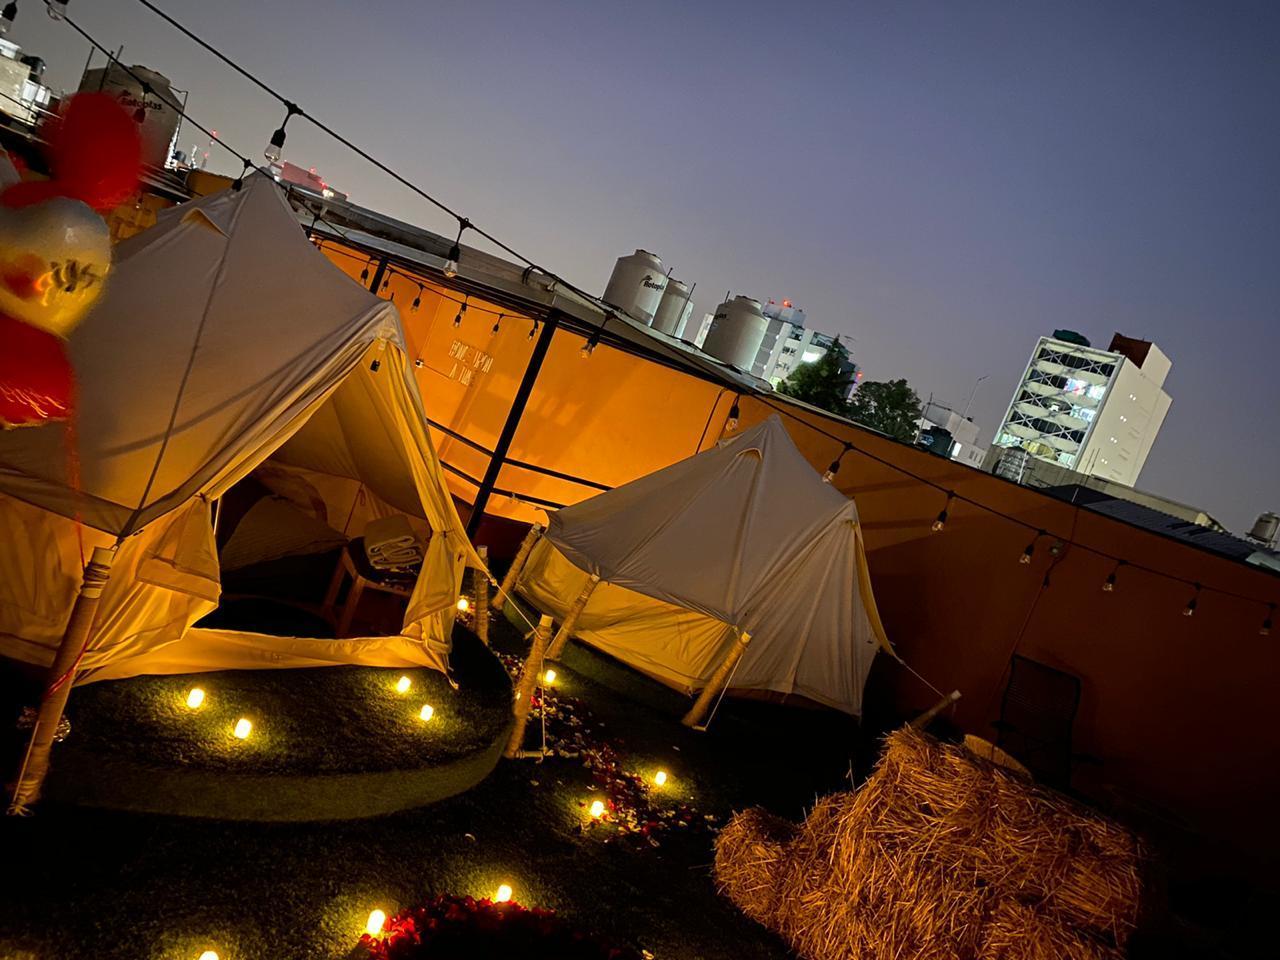 Roof garden con tepees en la noche